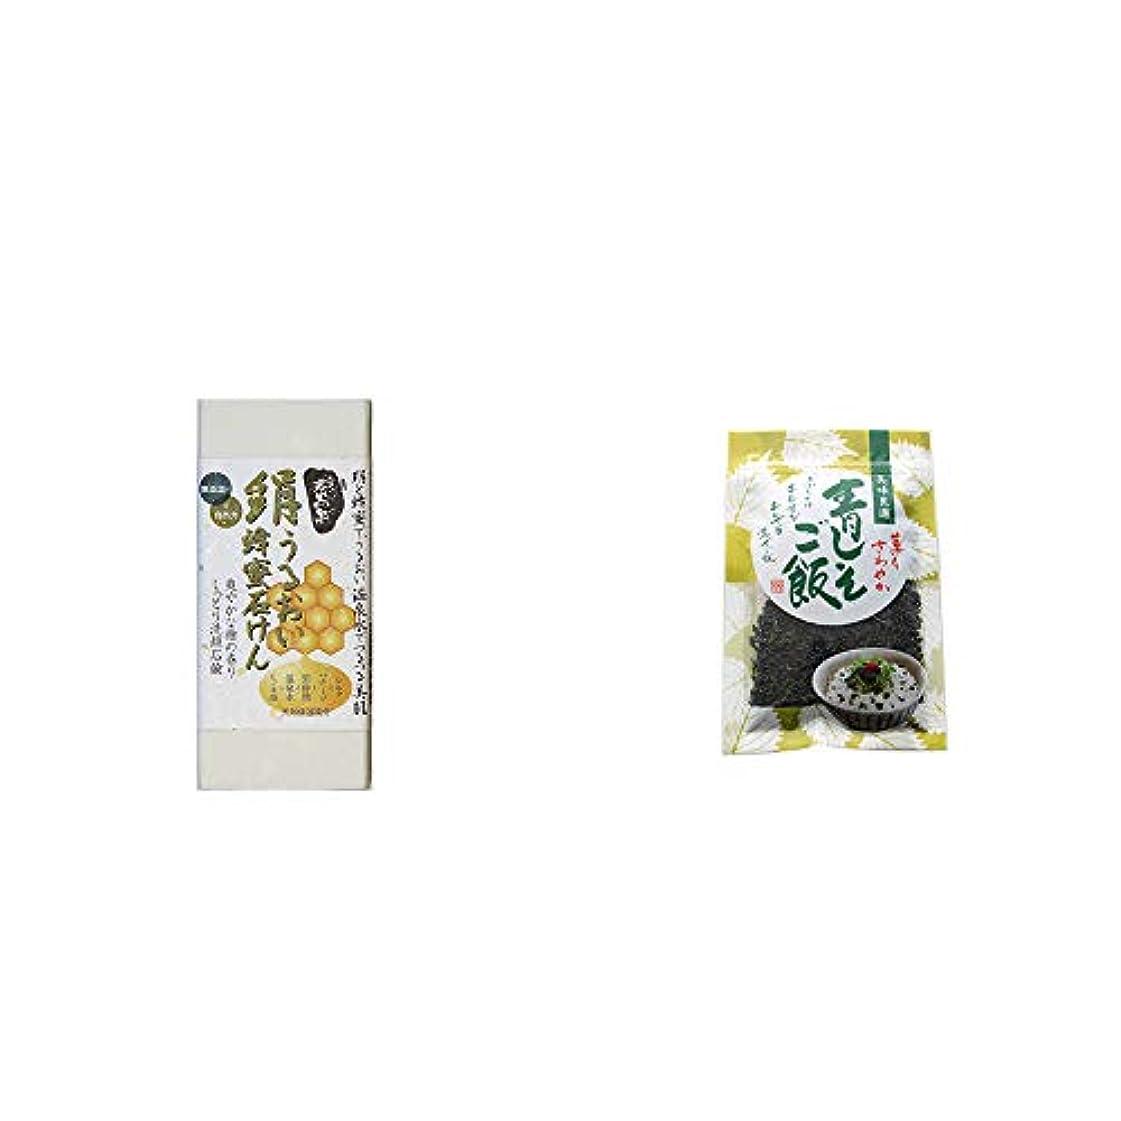 事実ラテンテレビ[2点セット] ひのき炭黒泉 絹うるおい蜂蜜石けん(75g×2)?薫りさわやか 青しそご飯(80g)